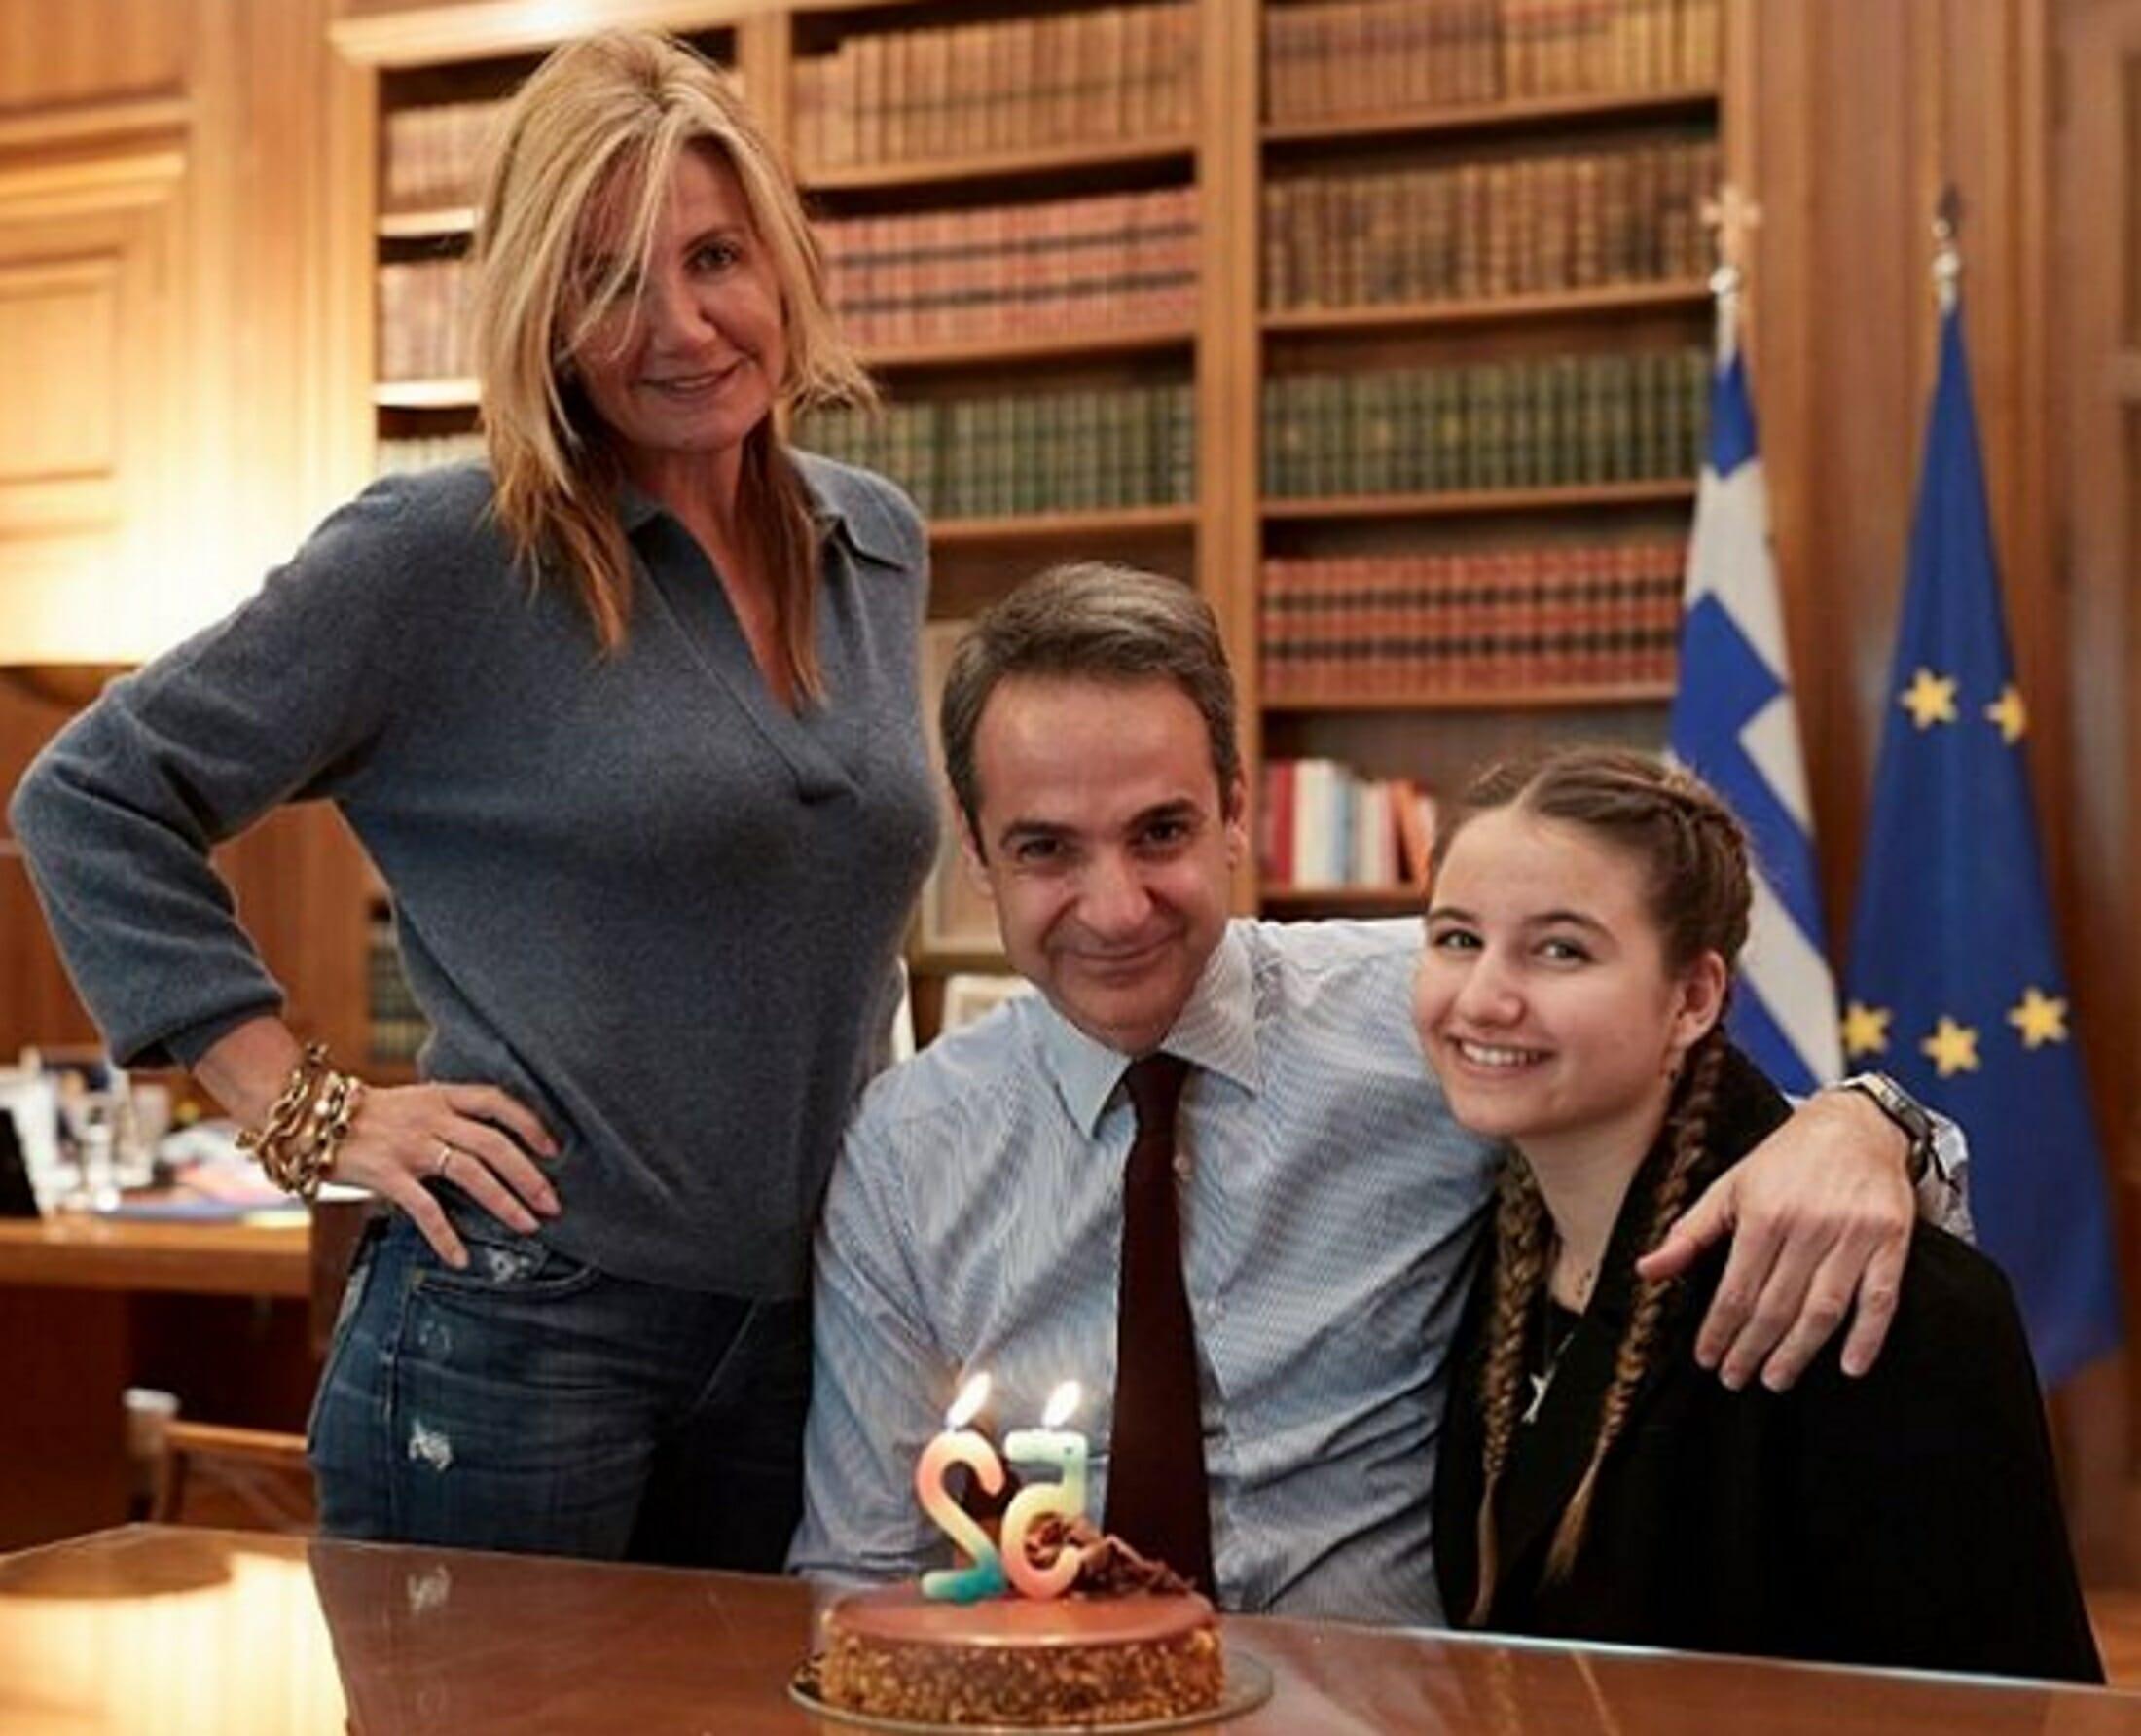 Κυριάκος Μητσοτάκης: Η έκπληξη της Μαρέβας για τα γενέθλιά του!